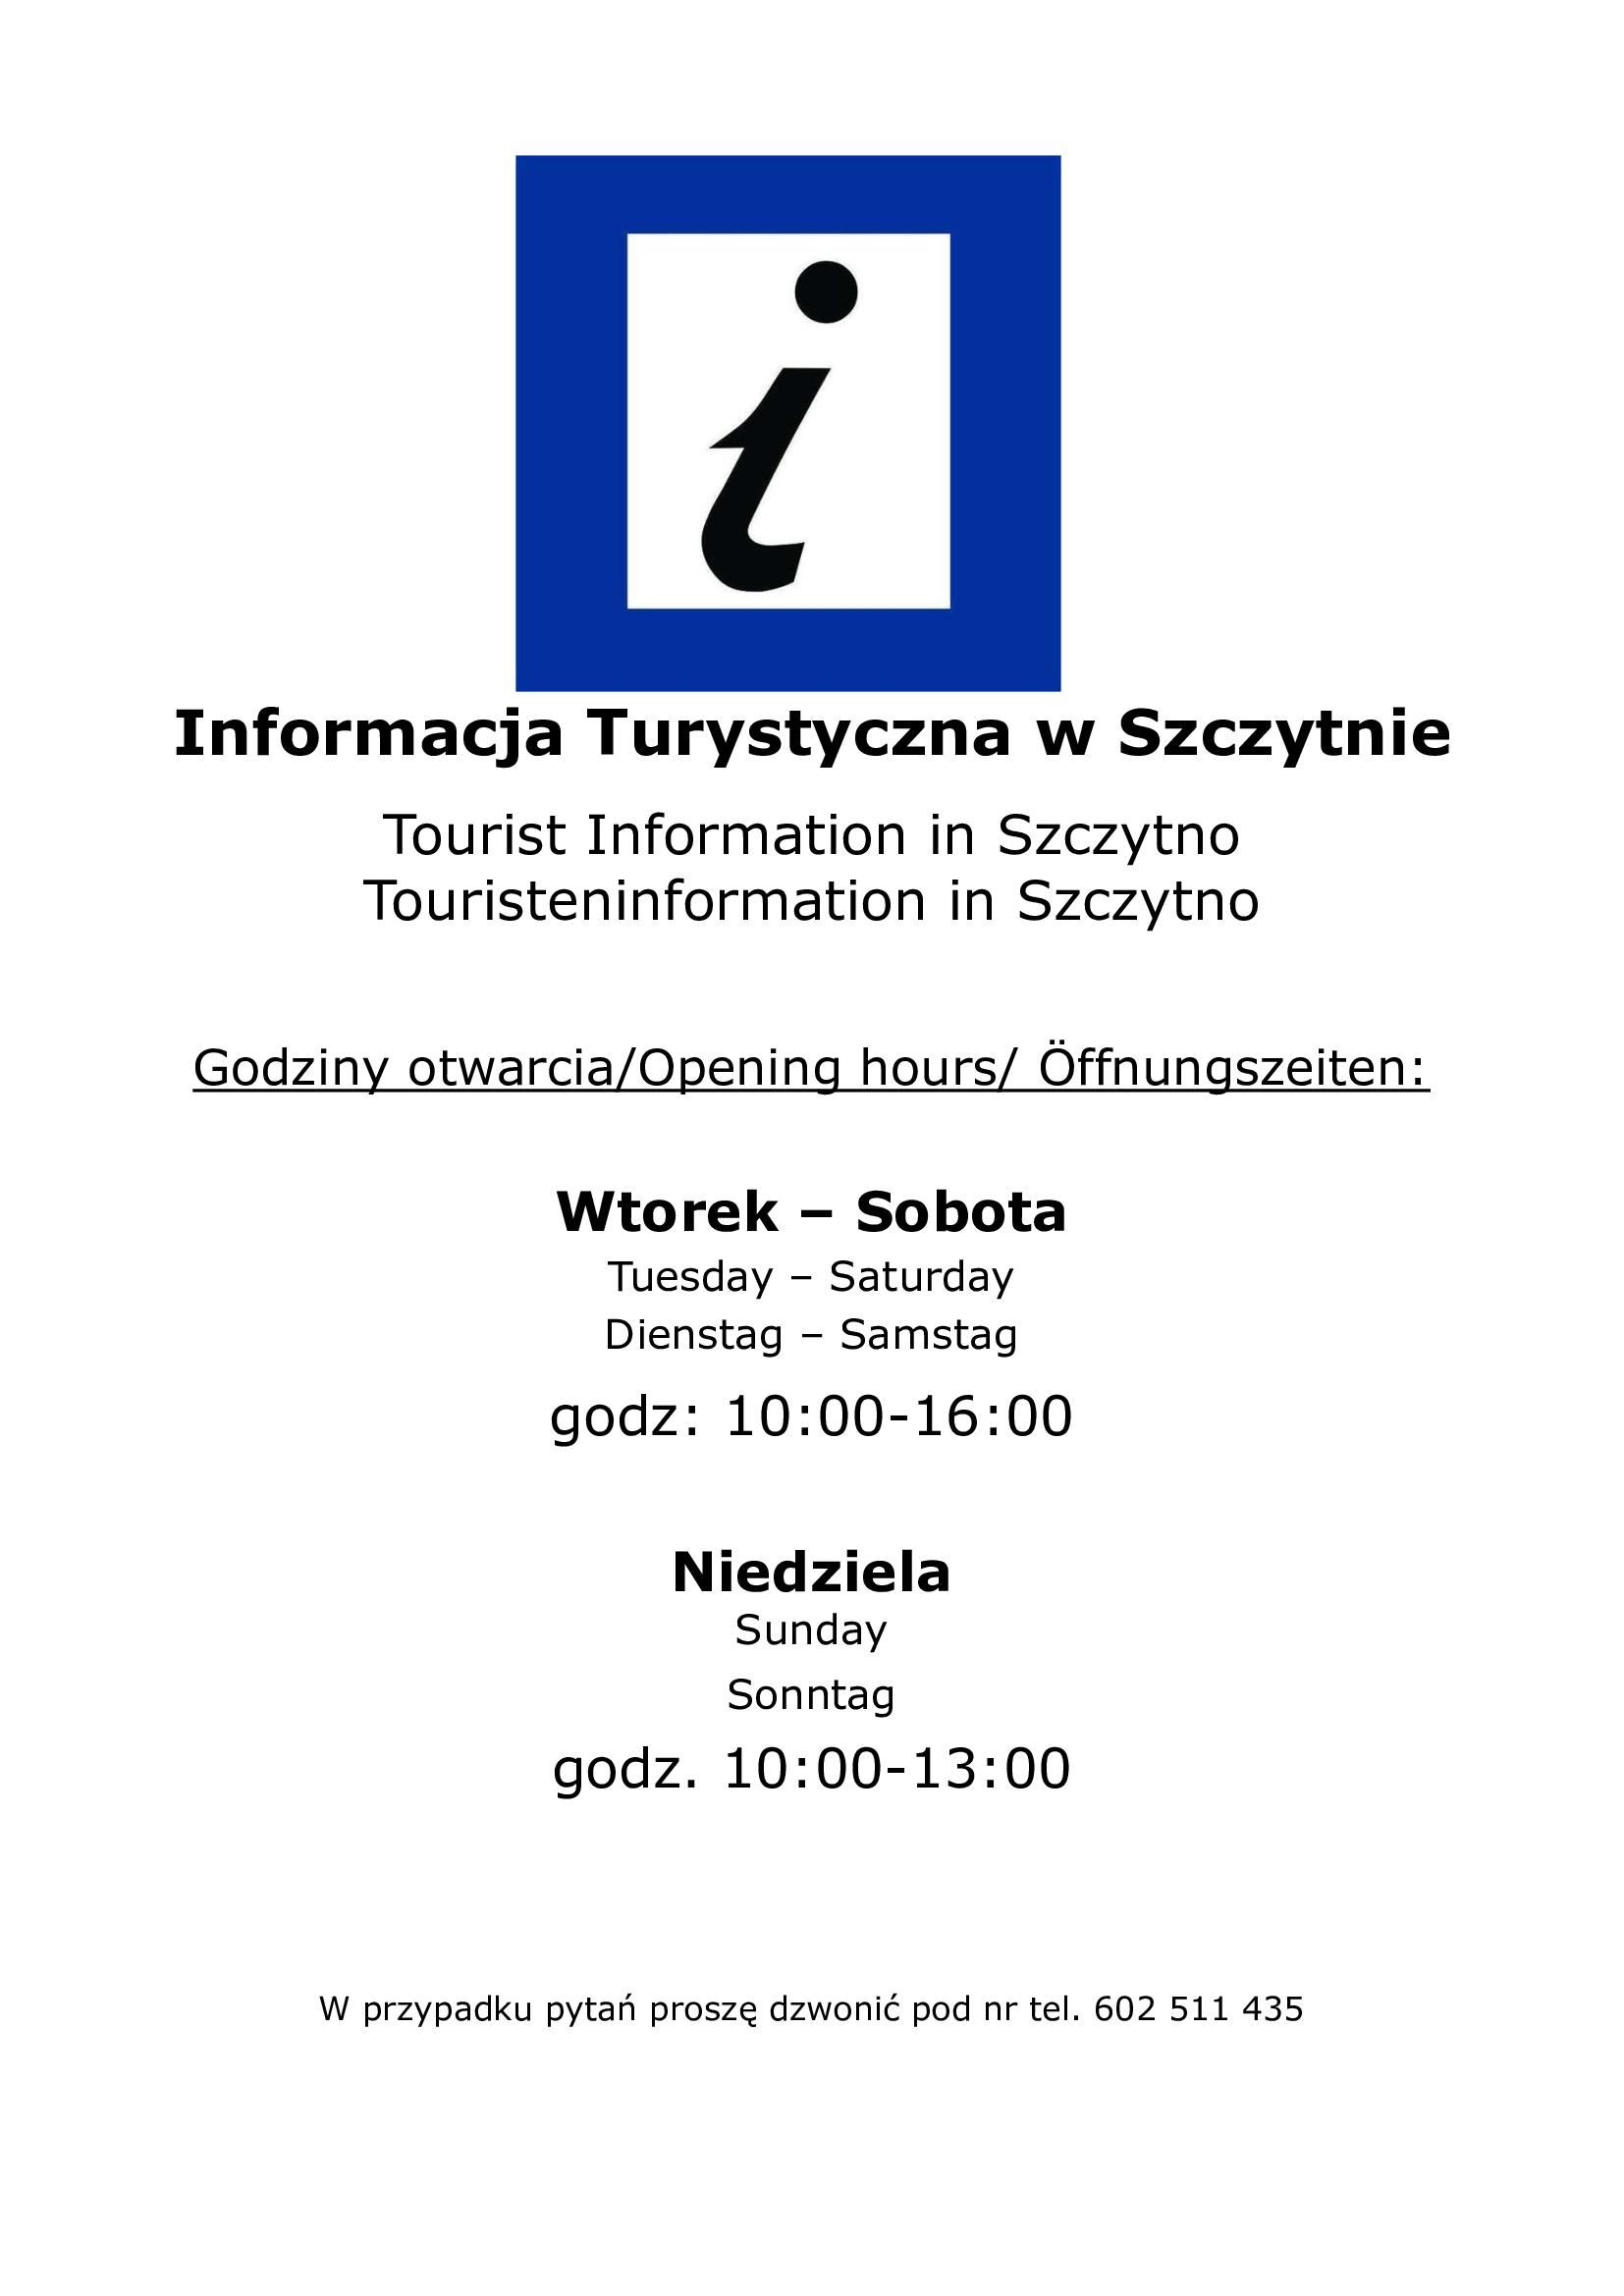 https://m.powiatszczycienski.pl/2021/07/orig/informacja-turystyczna-41697.jpg